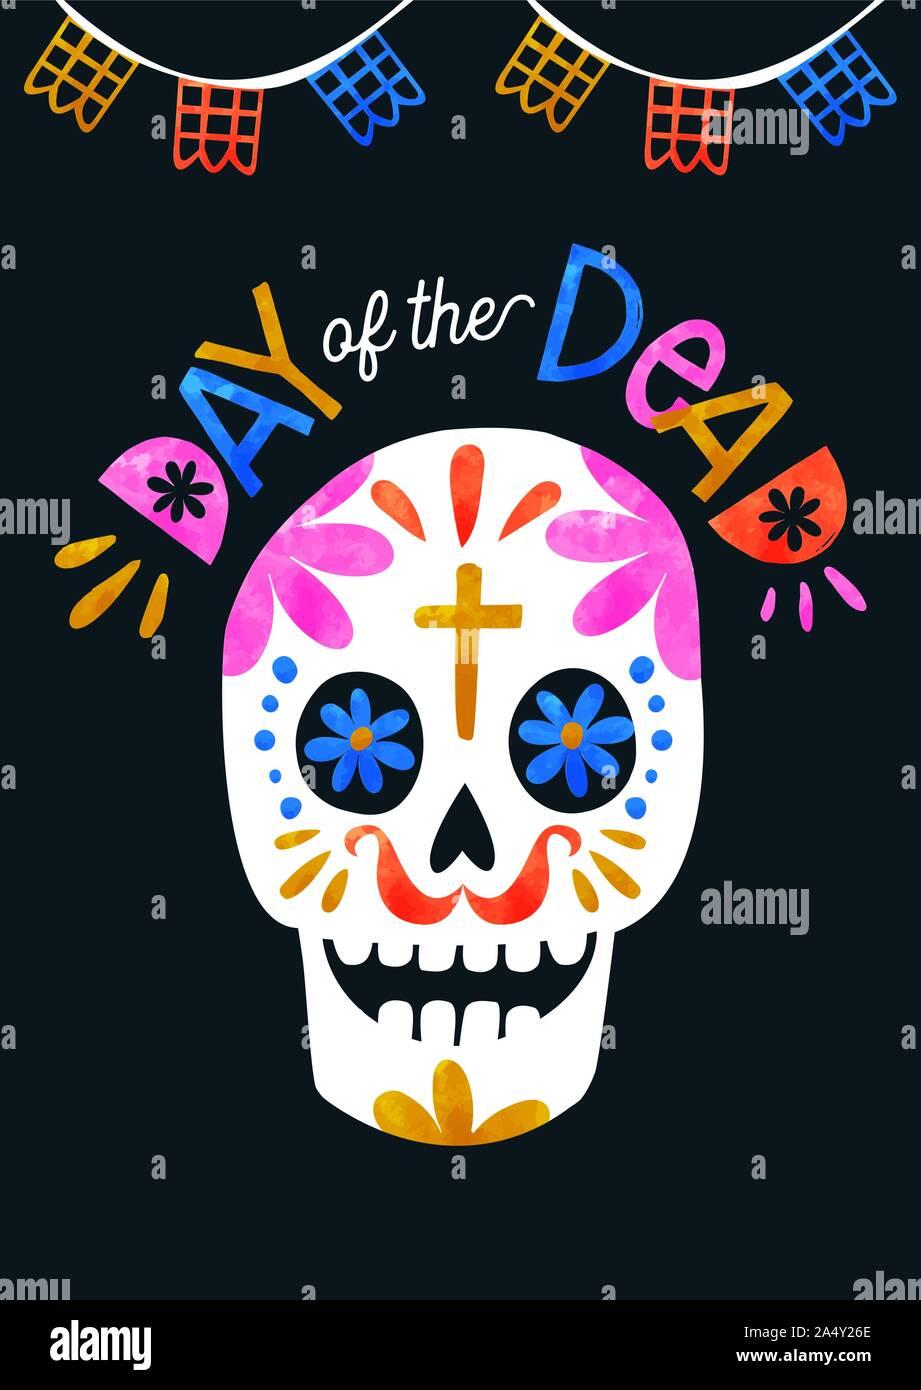 Le Jour des morts, de carte de vœux aquarelle crâne en sucre coloré avec décoration traditionnelle mexicaine. Illustration de Vecteur